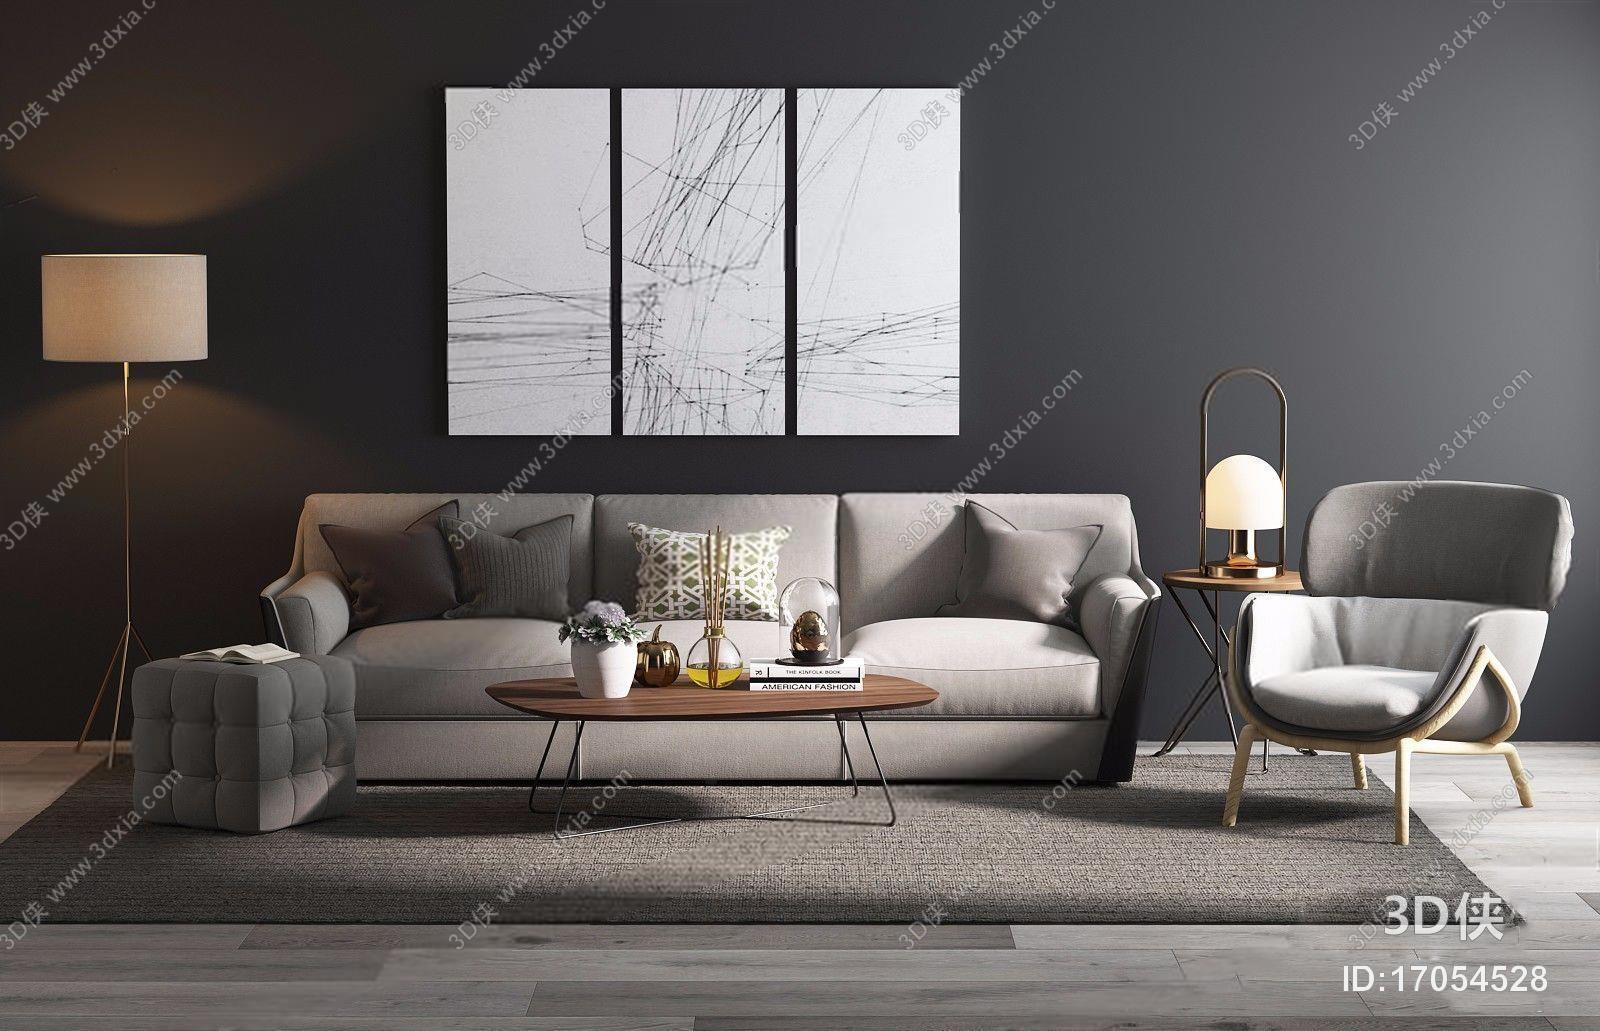 现代沙发组合 现代多人沙发 休闲椅 凳子 茶几 挂画 落地灯 台灯 摆件 饰品